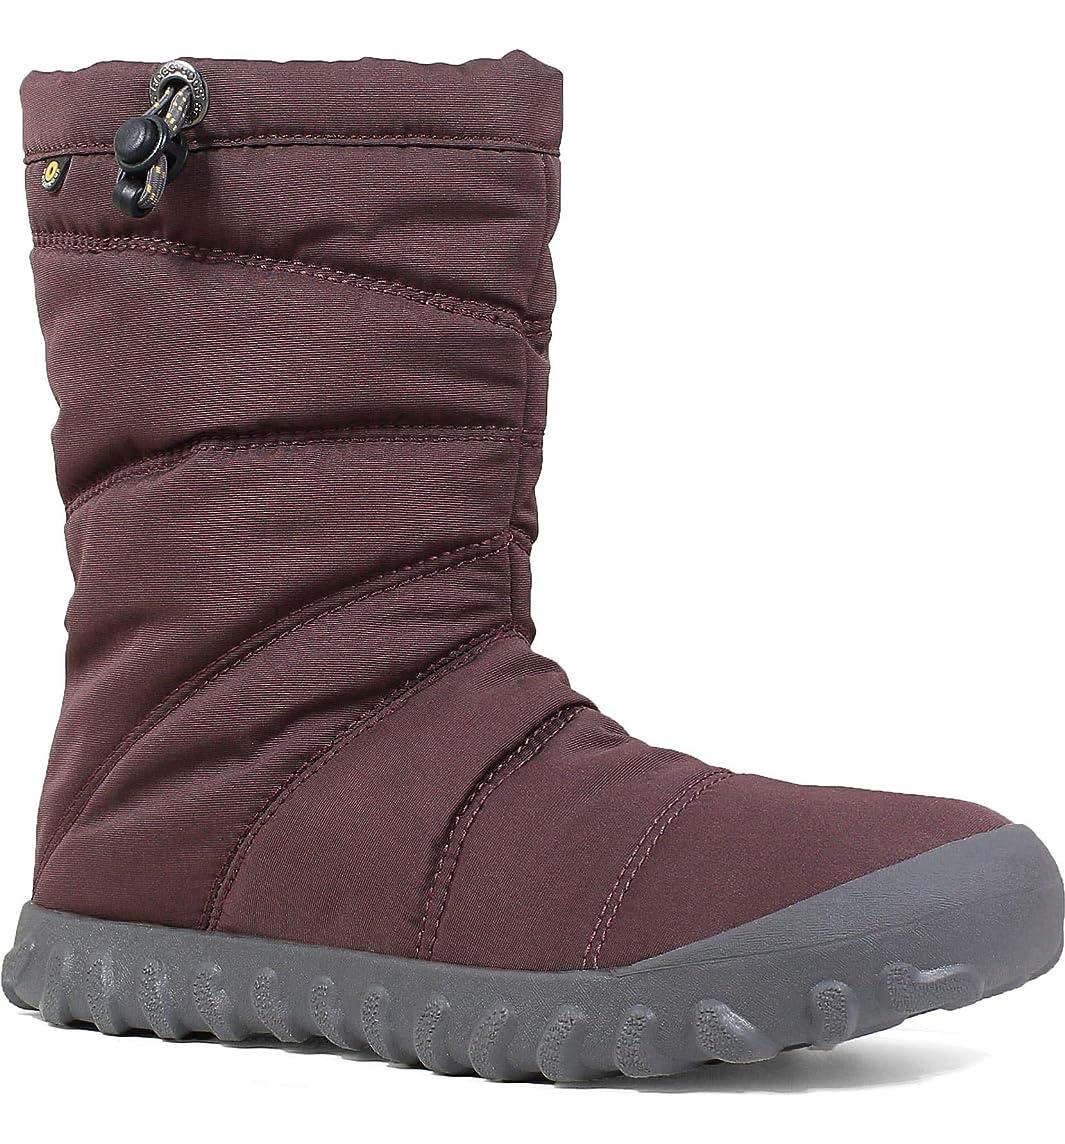 あいまいな壁紙光[ボグス] レディース ブーツ&レインブーツ Puffy Insulated Waterproof Boot (Wo [並行輸入品]